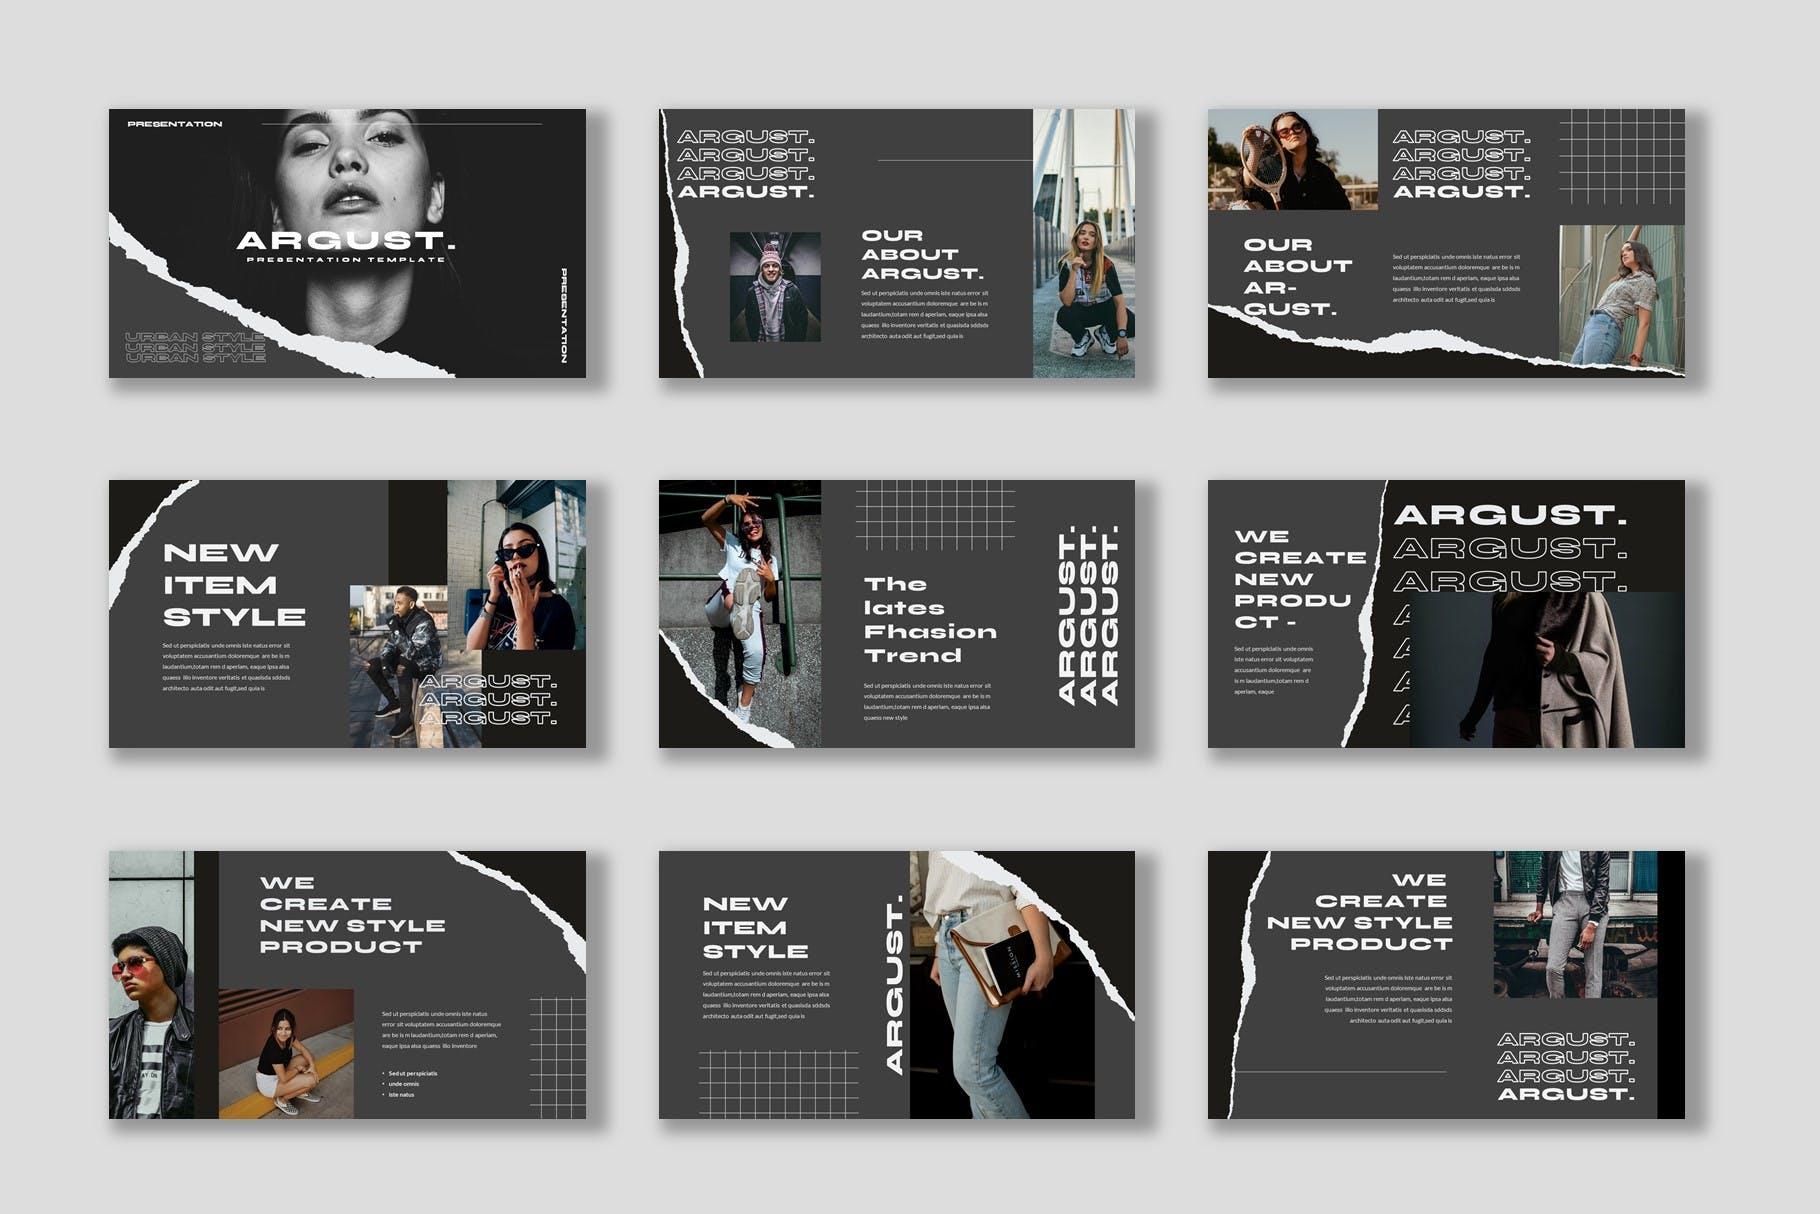 潮流撕纸效果品牌策划提案简报演示文稿设计模板 Argust Powerpoint Template插图2